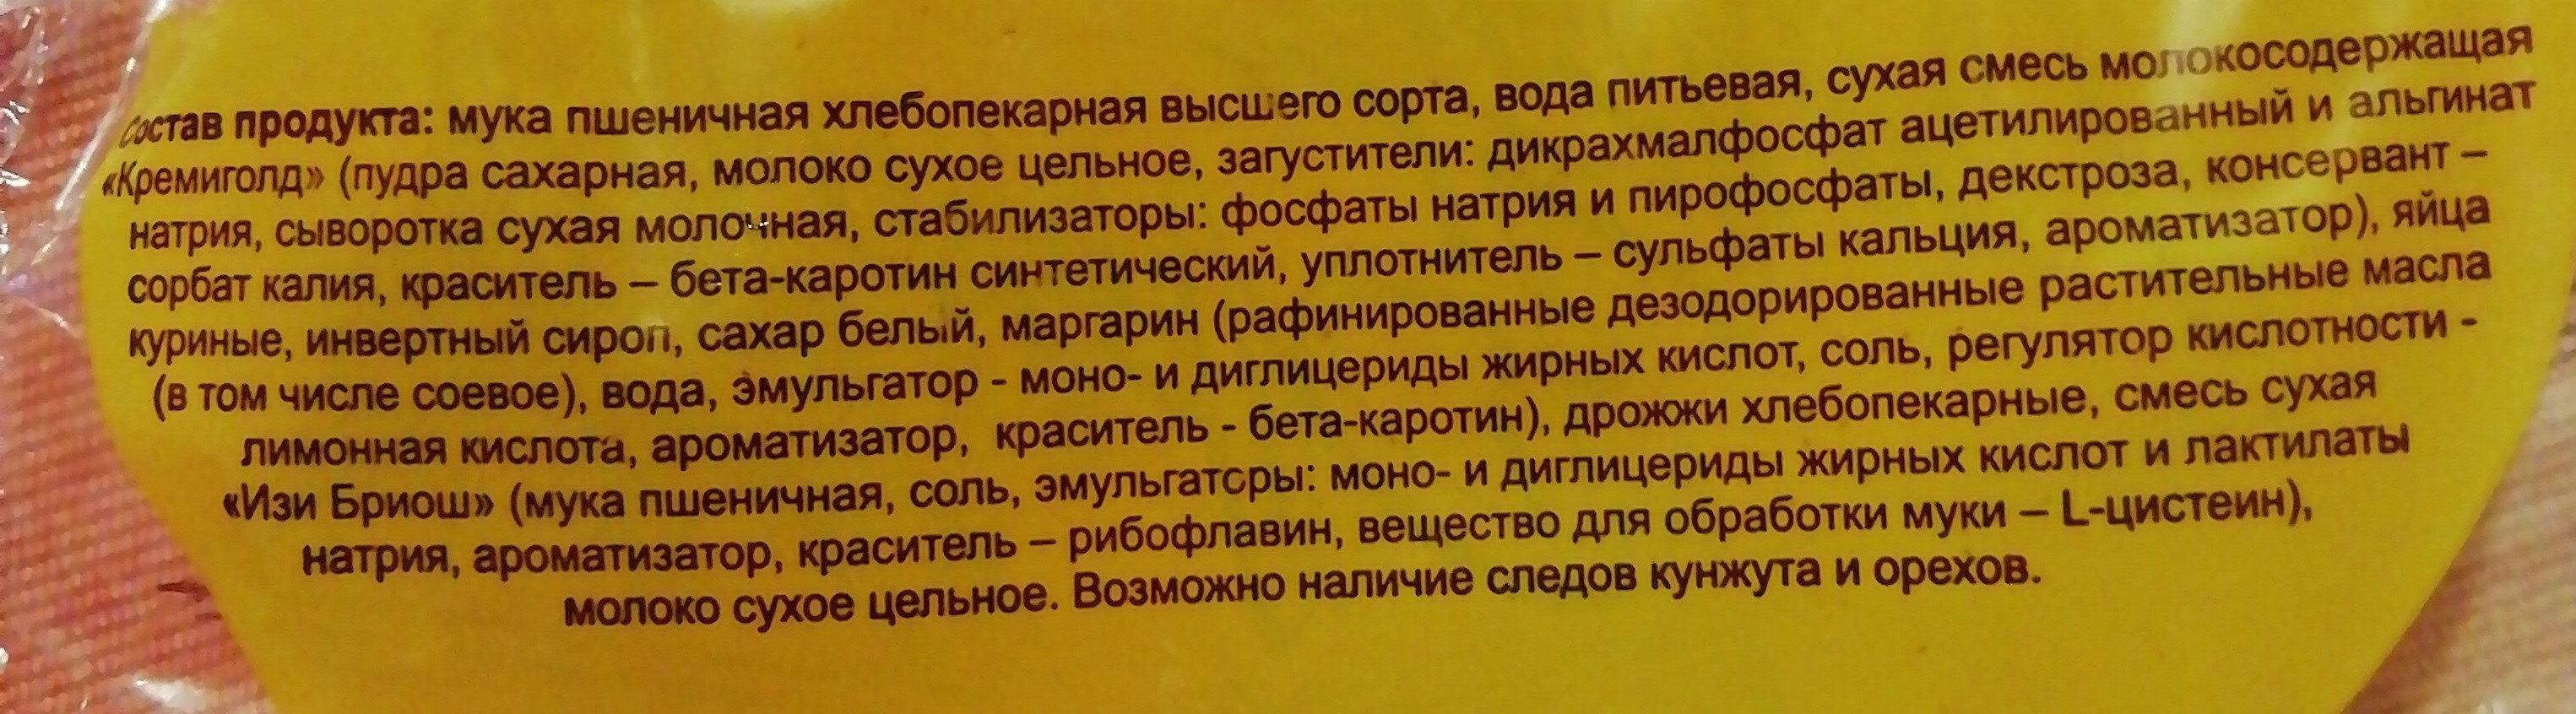 парижская бриошь - Ингредиенты - ru